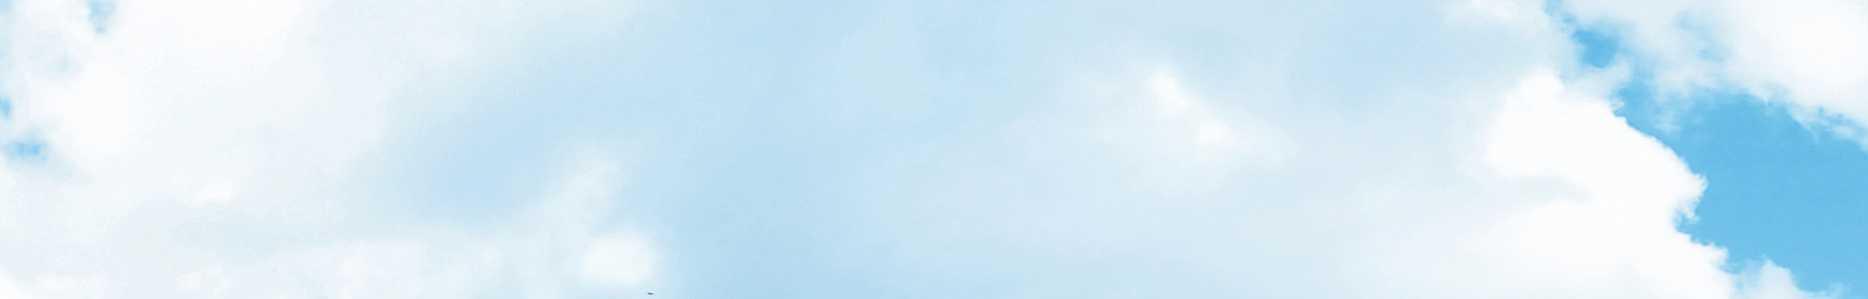 世界游网 banner